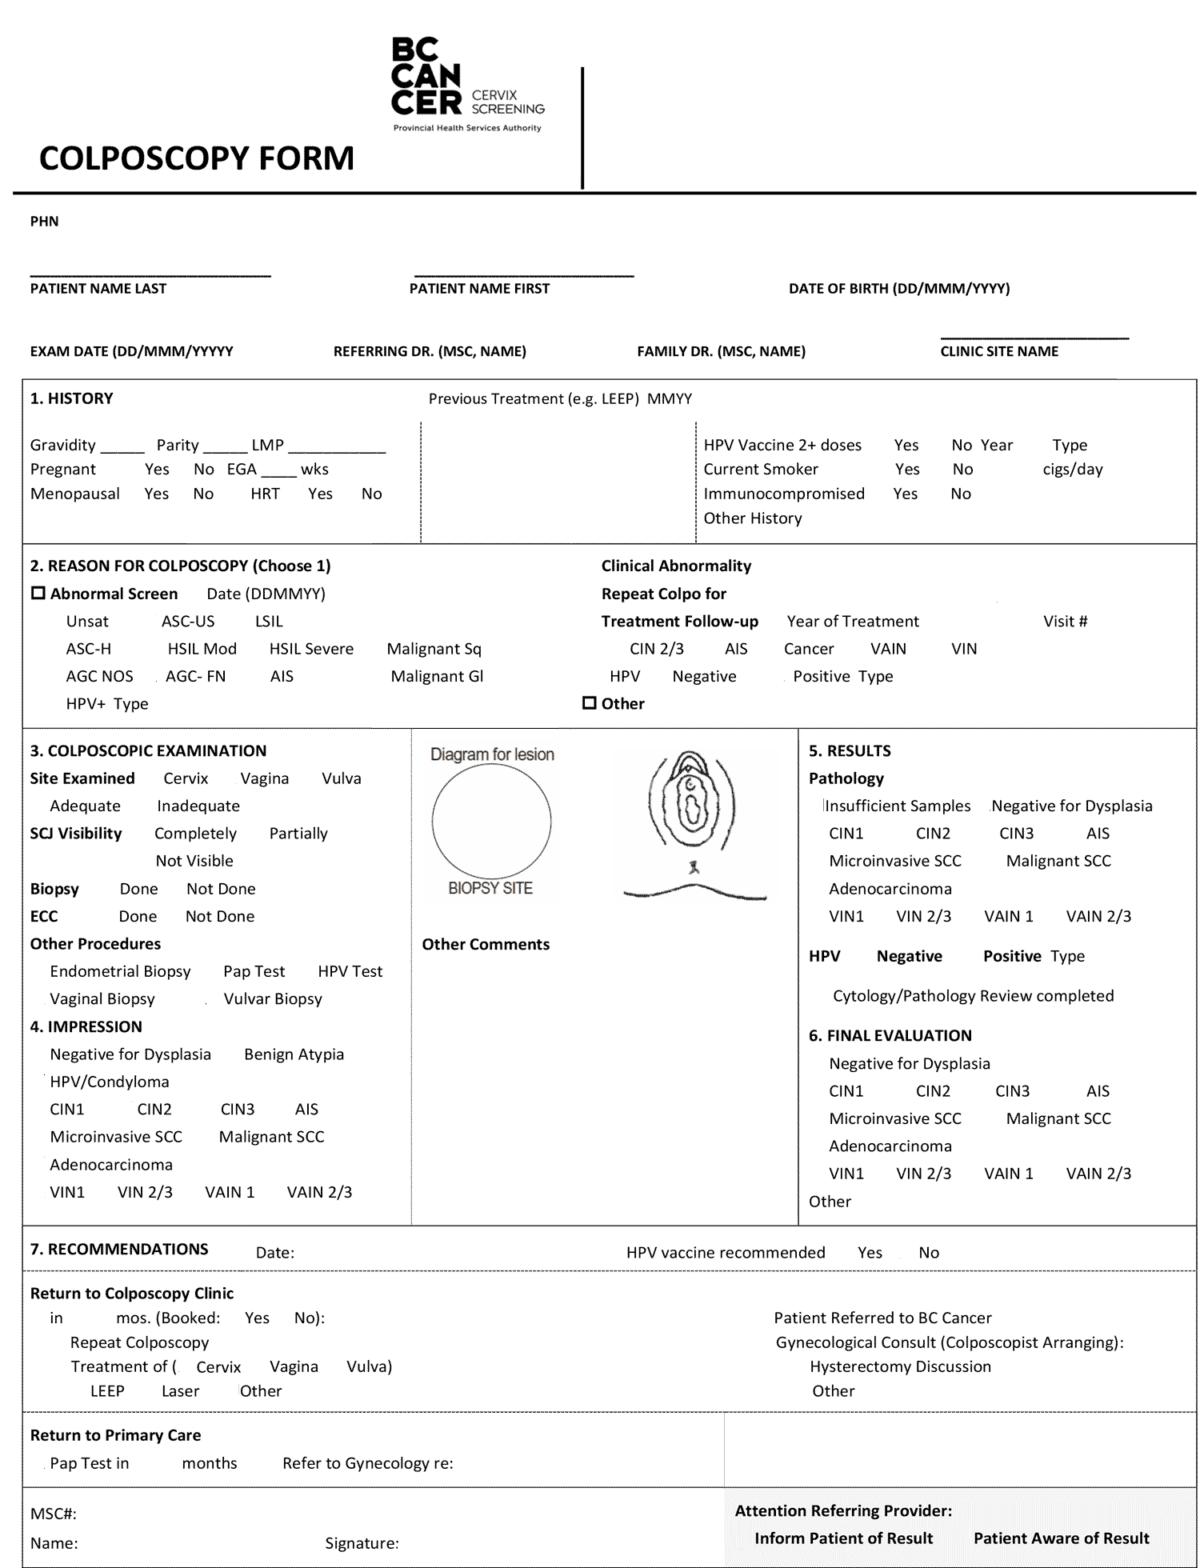 BCCA Colposcopy Encounter Form 2019